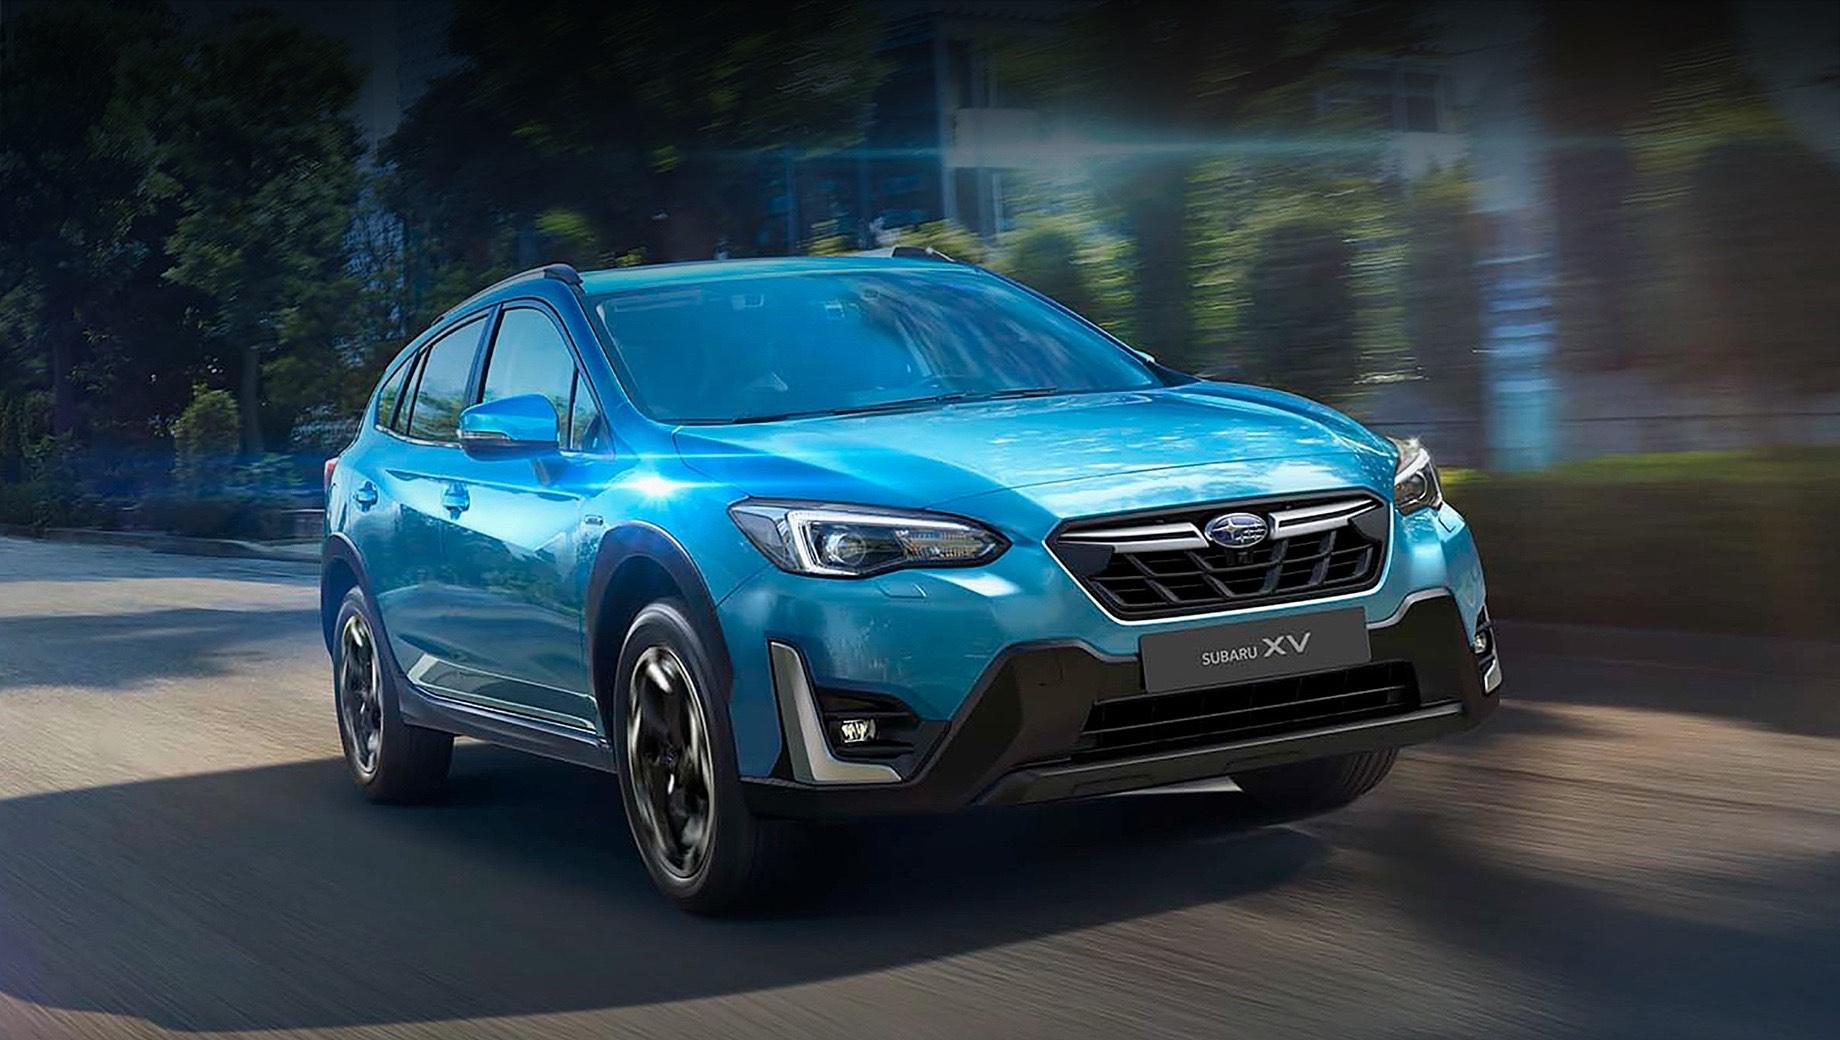 Subaru xv,Subaru crosstrek. В Англии подретушированный XV стоит от 31 655 фунтов стерлингов (3,3 млн рублей). Как и раньше, столько просят за полноприводную версию с вариатором и гибридной силовой установкой e-Boxer (156 л.с., 196 Н•м). Прежде XV был доступнее за счёт модификации 1.6 (114 л.с.), которую с рынка убрали.